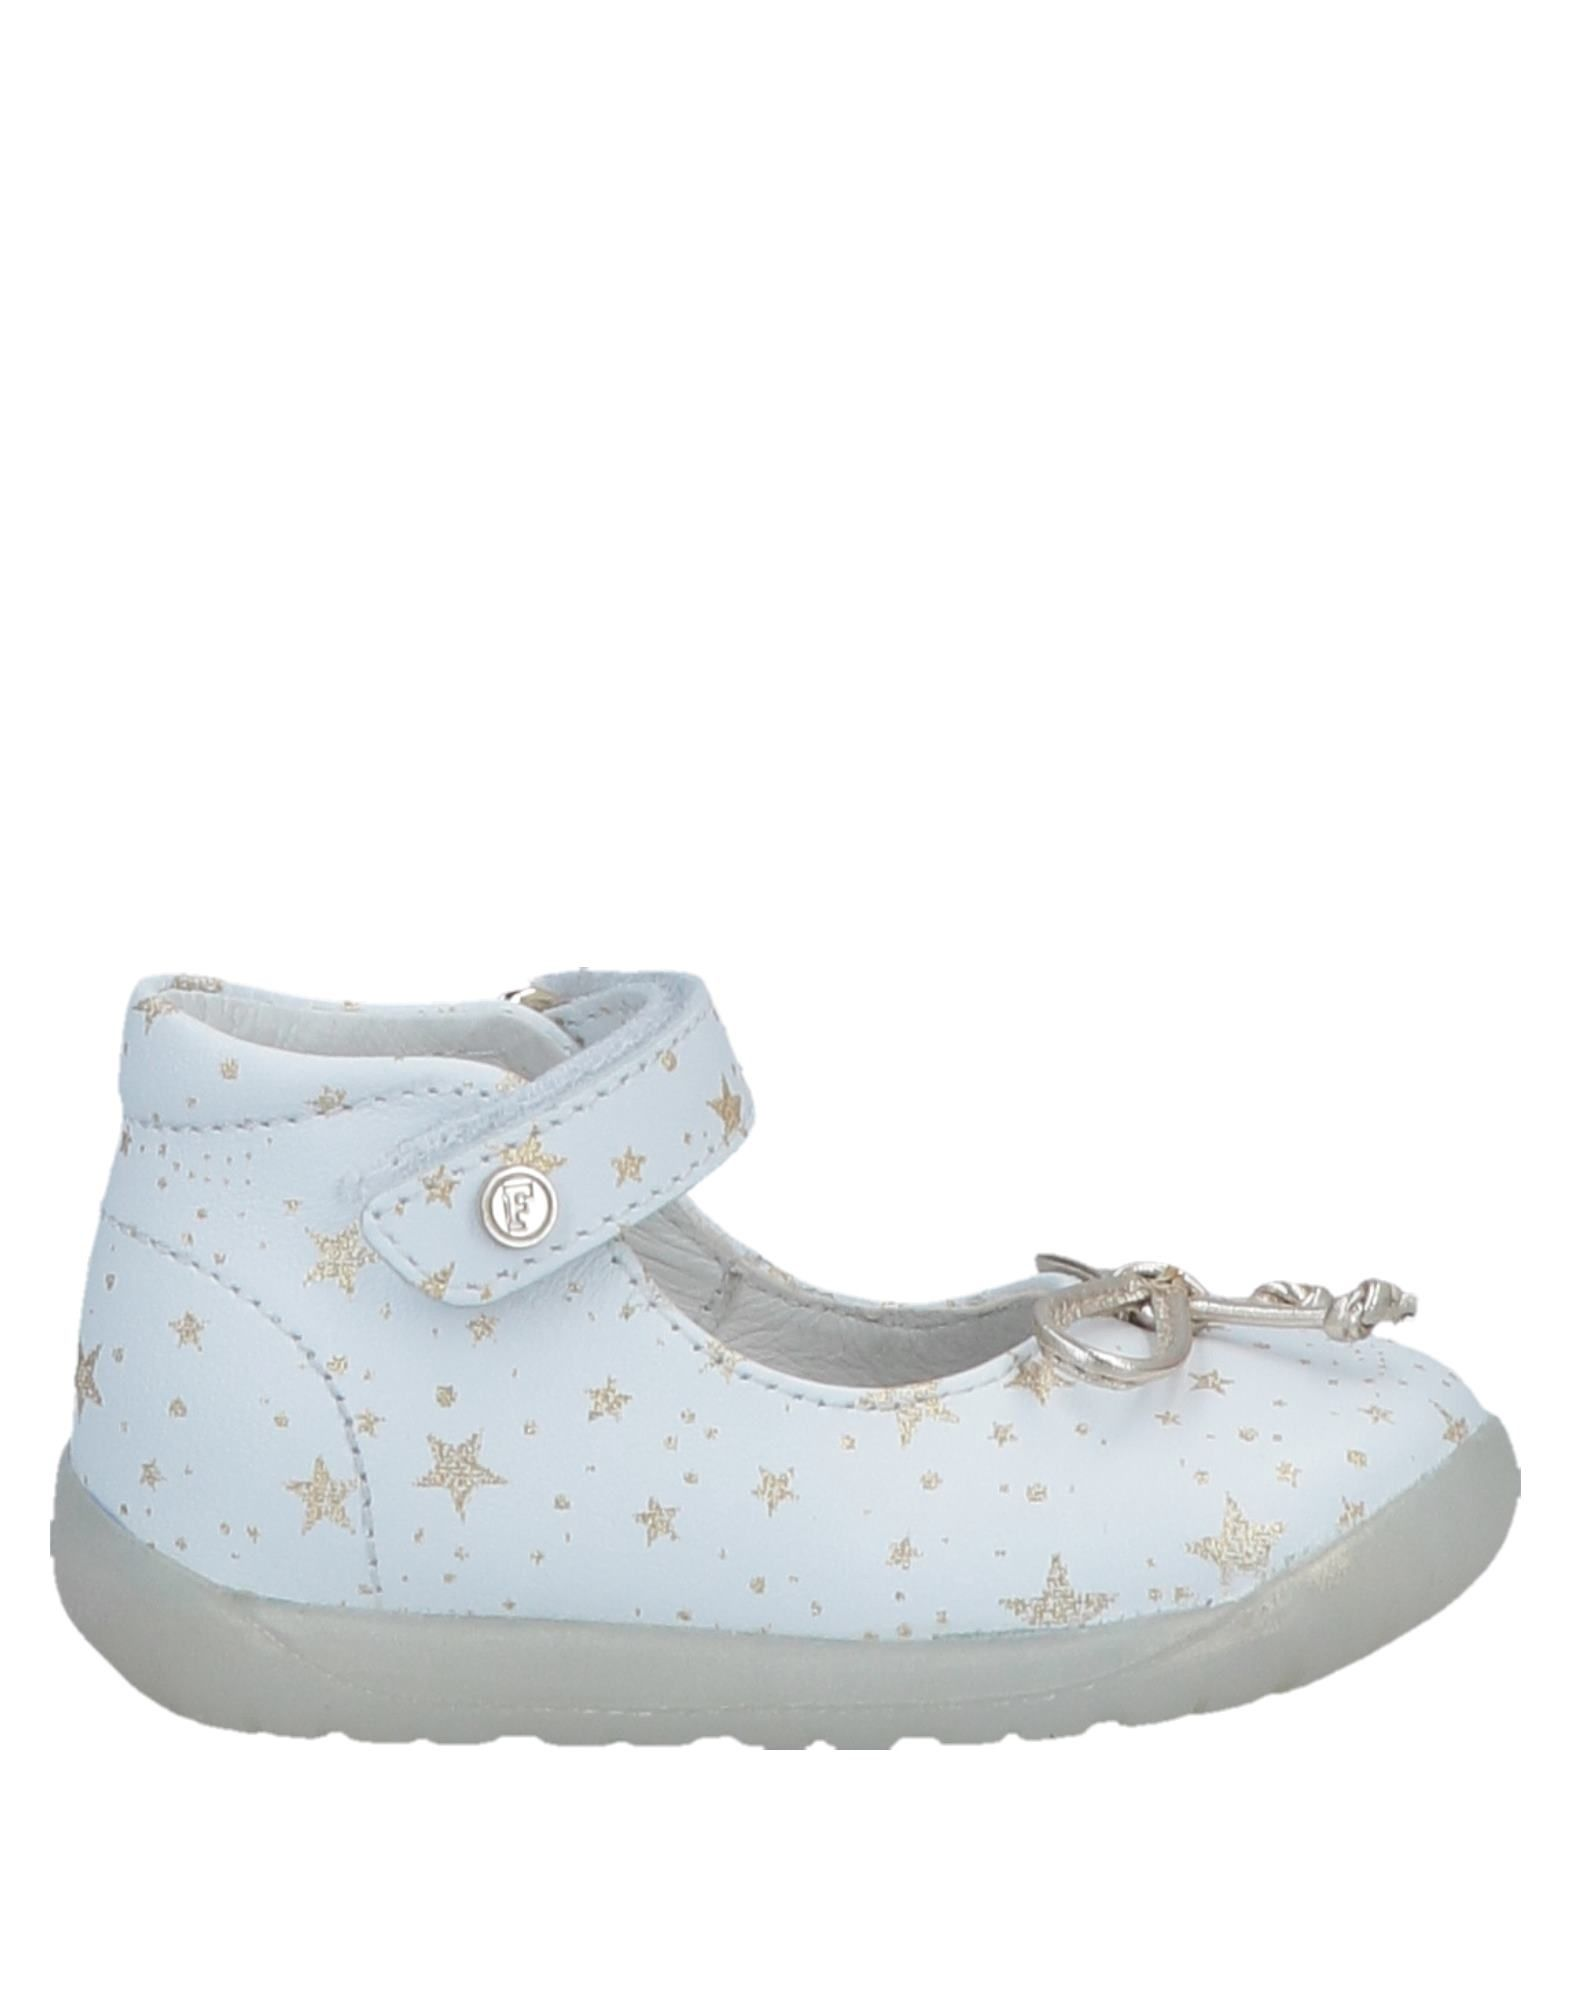 moderno ed elegante nella moda all'avanguardia dei tempi sito web per lo sconto Ballerine Falcotto Bambina 0-24 mesi - Acquista online su YOOX